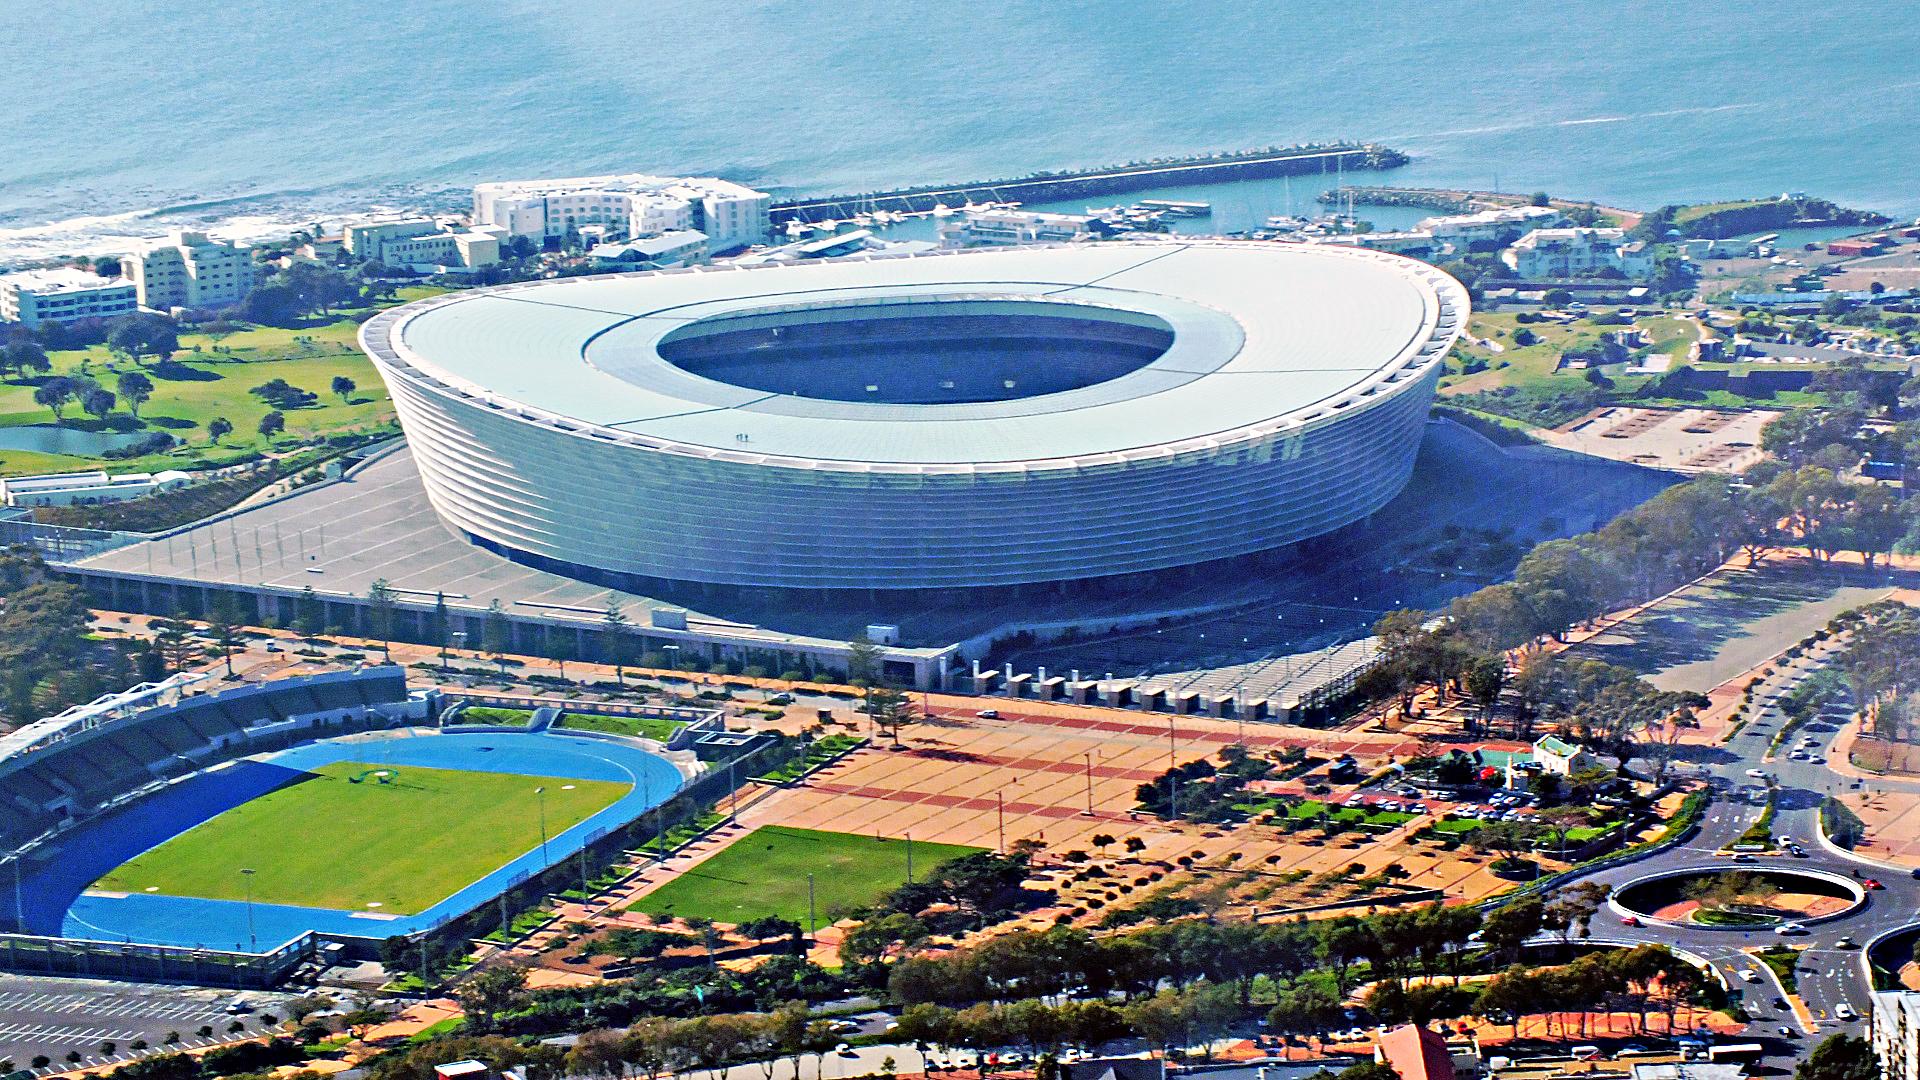 cape_town_stadium_aerial_view